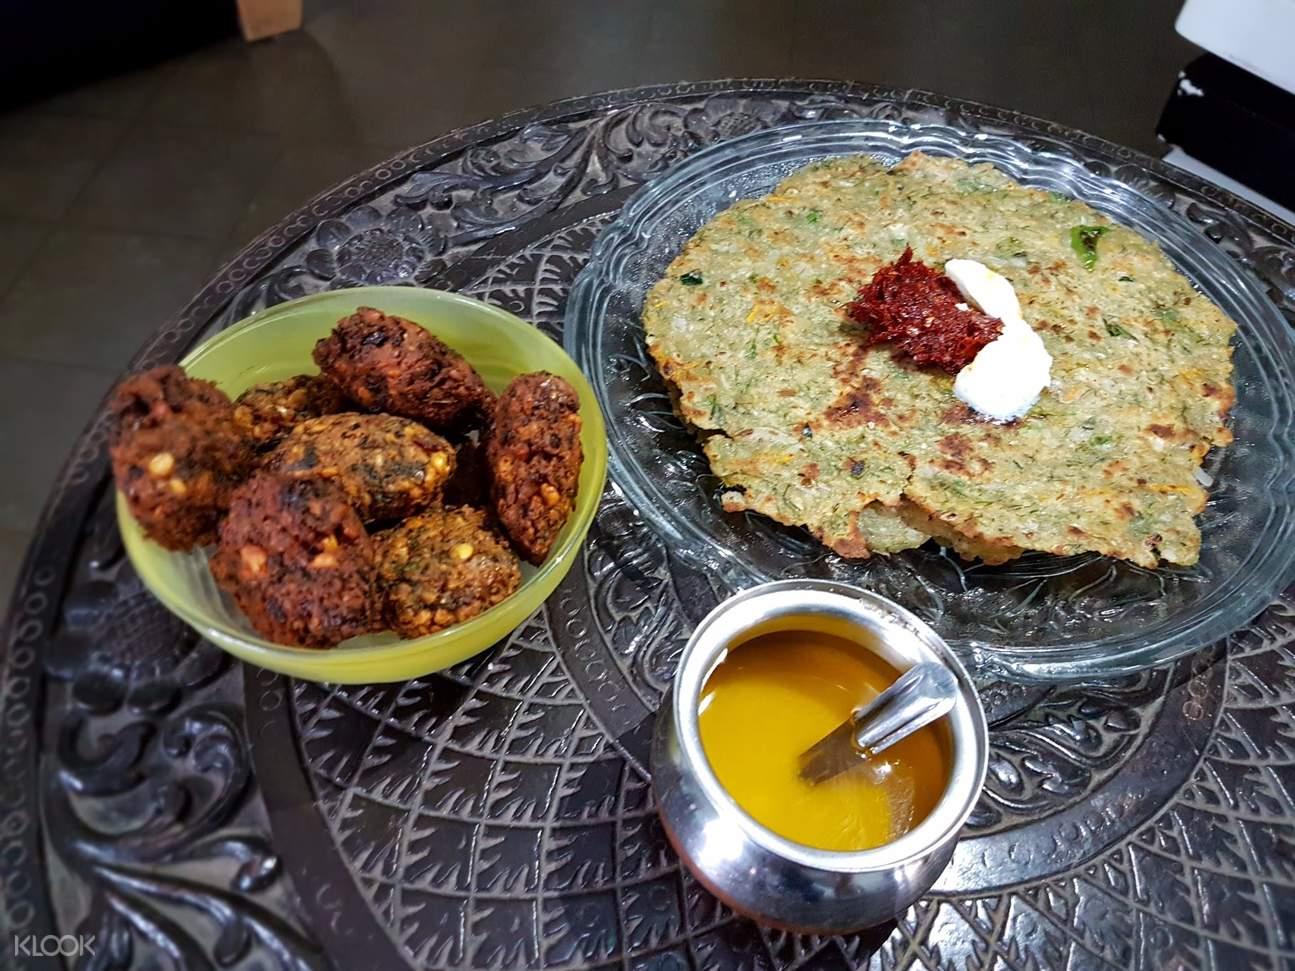 傳統南印度家庭用餐體驗